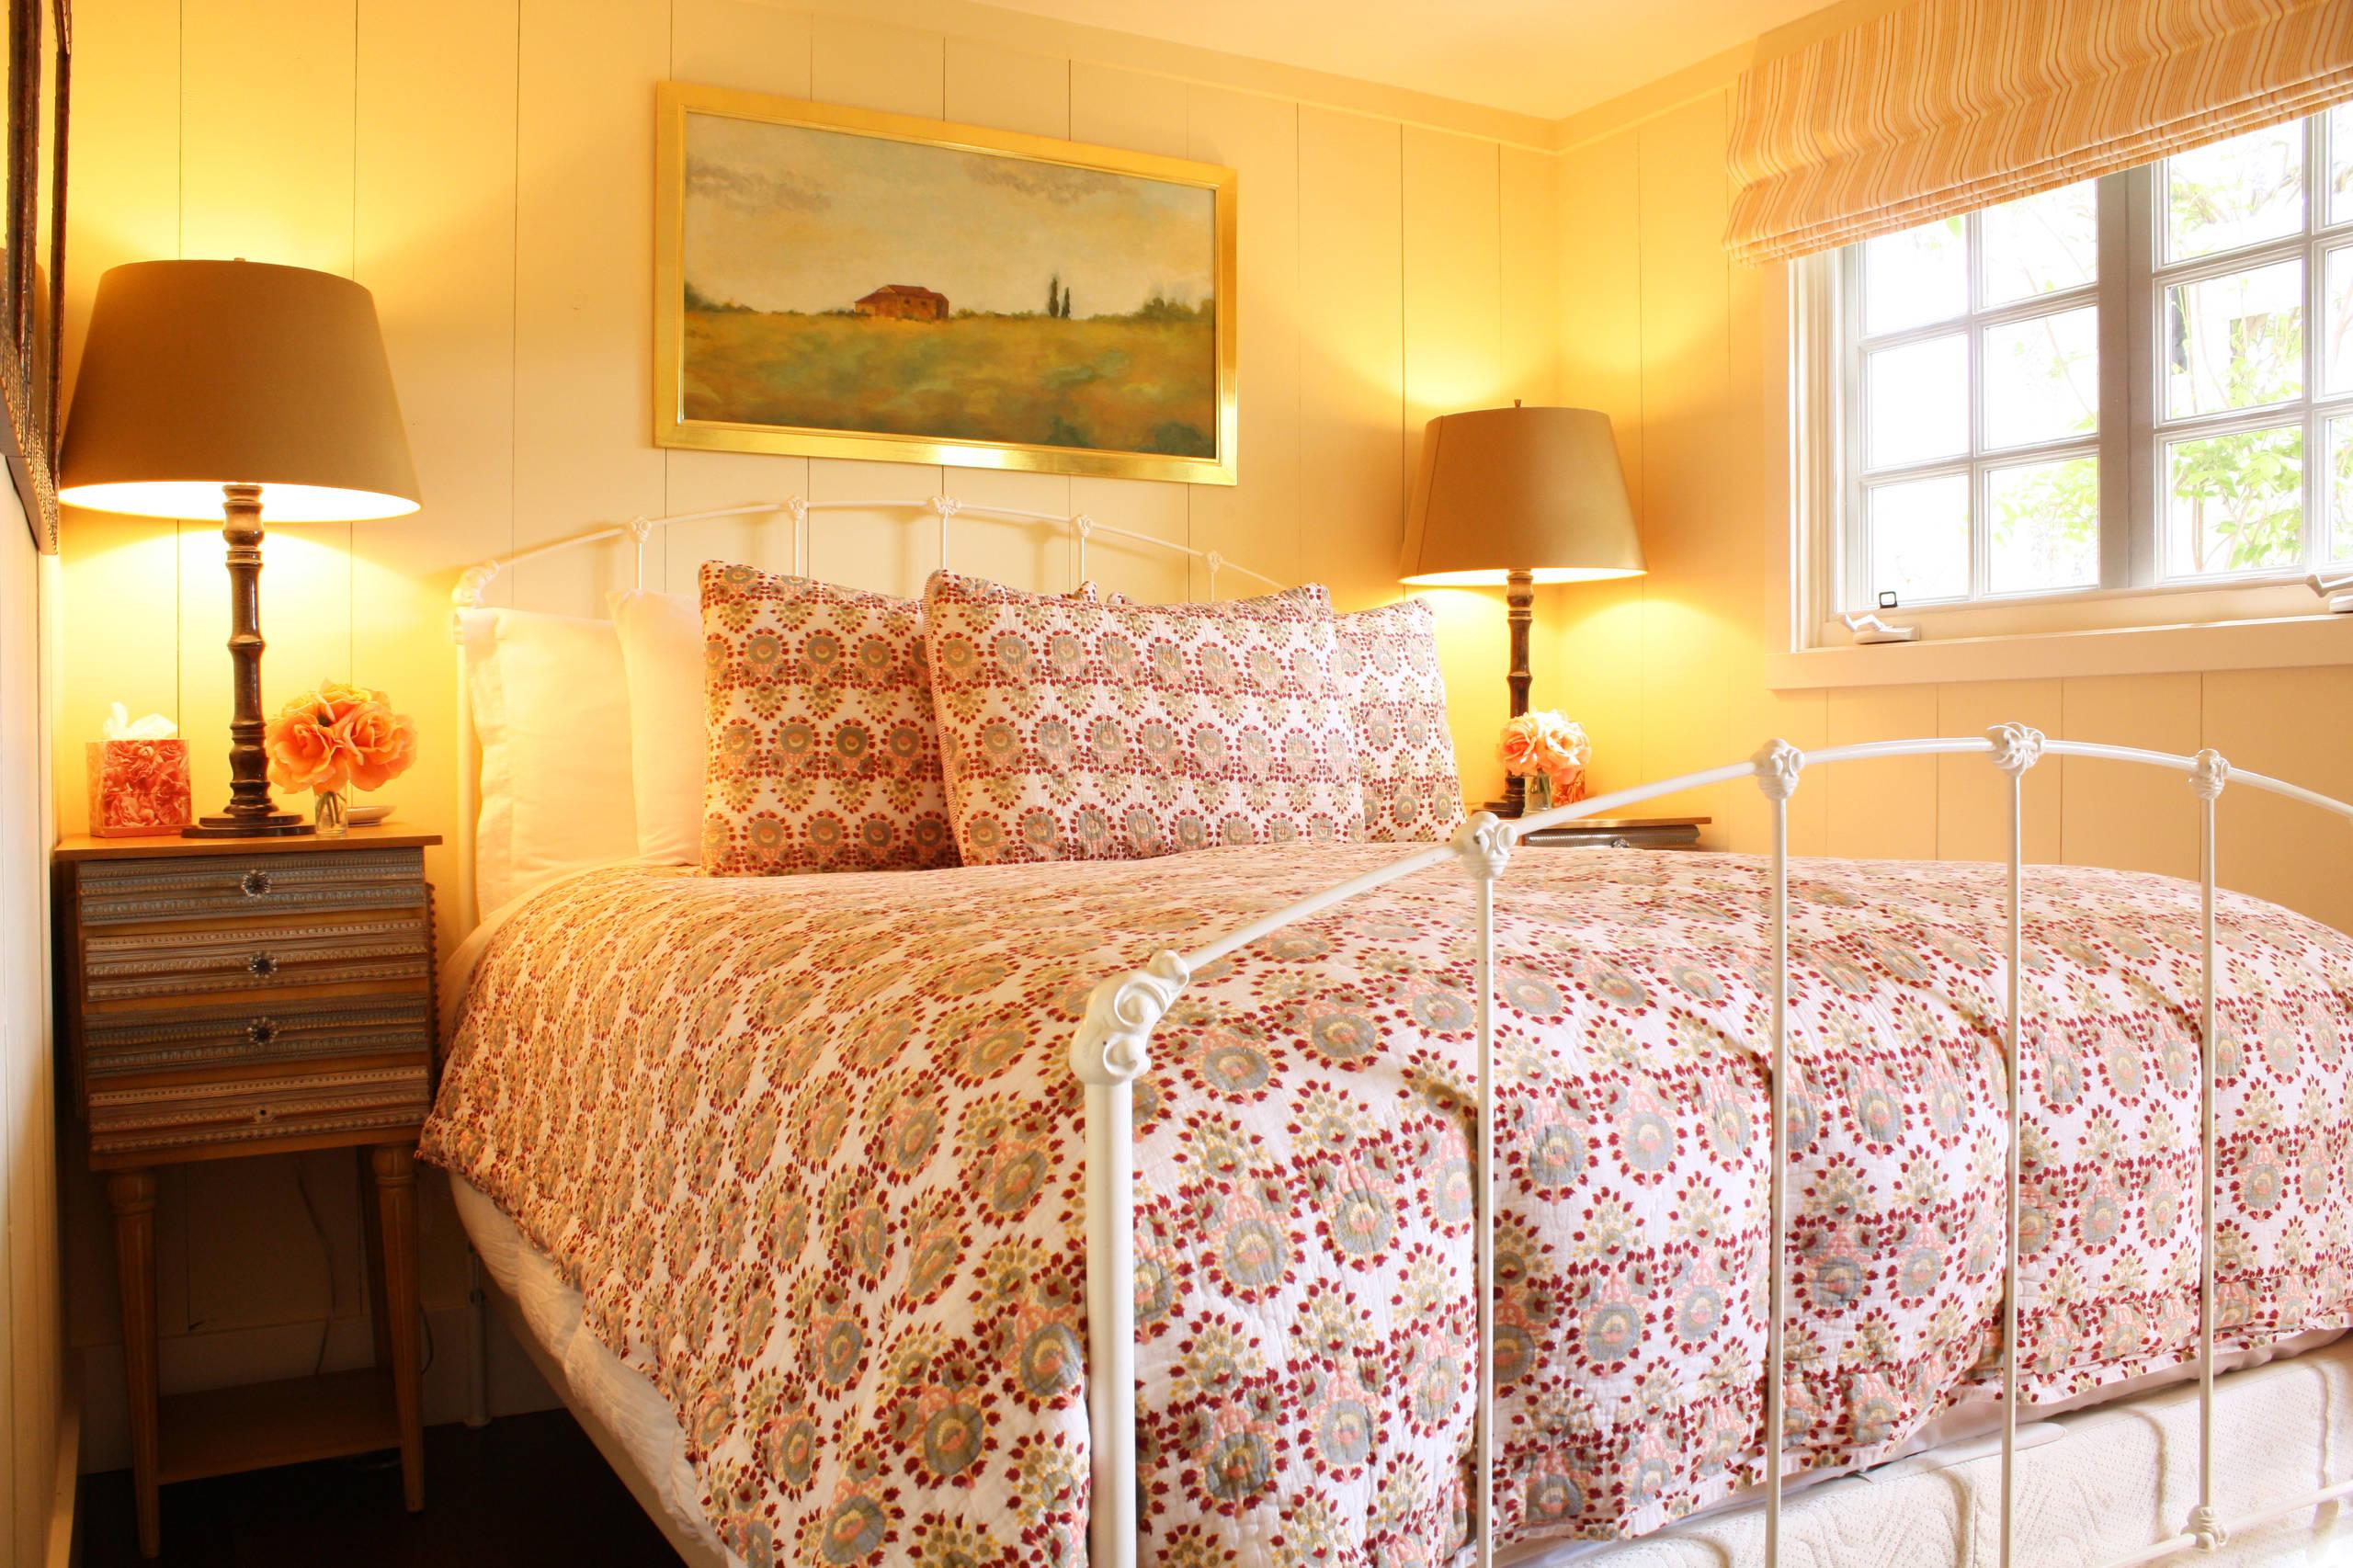 https://www.houzz.com/photos/ojai-guest-house-farmhouse-bedroom-santa-barbara-phvw-vp~3486535